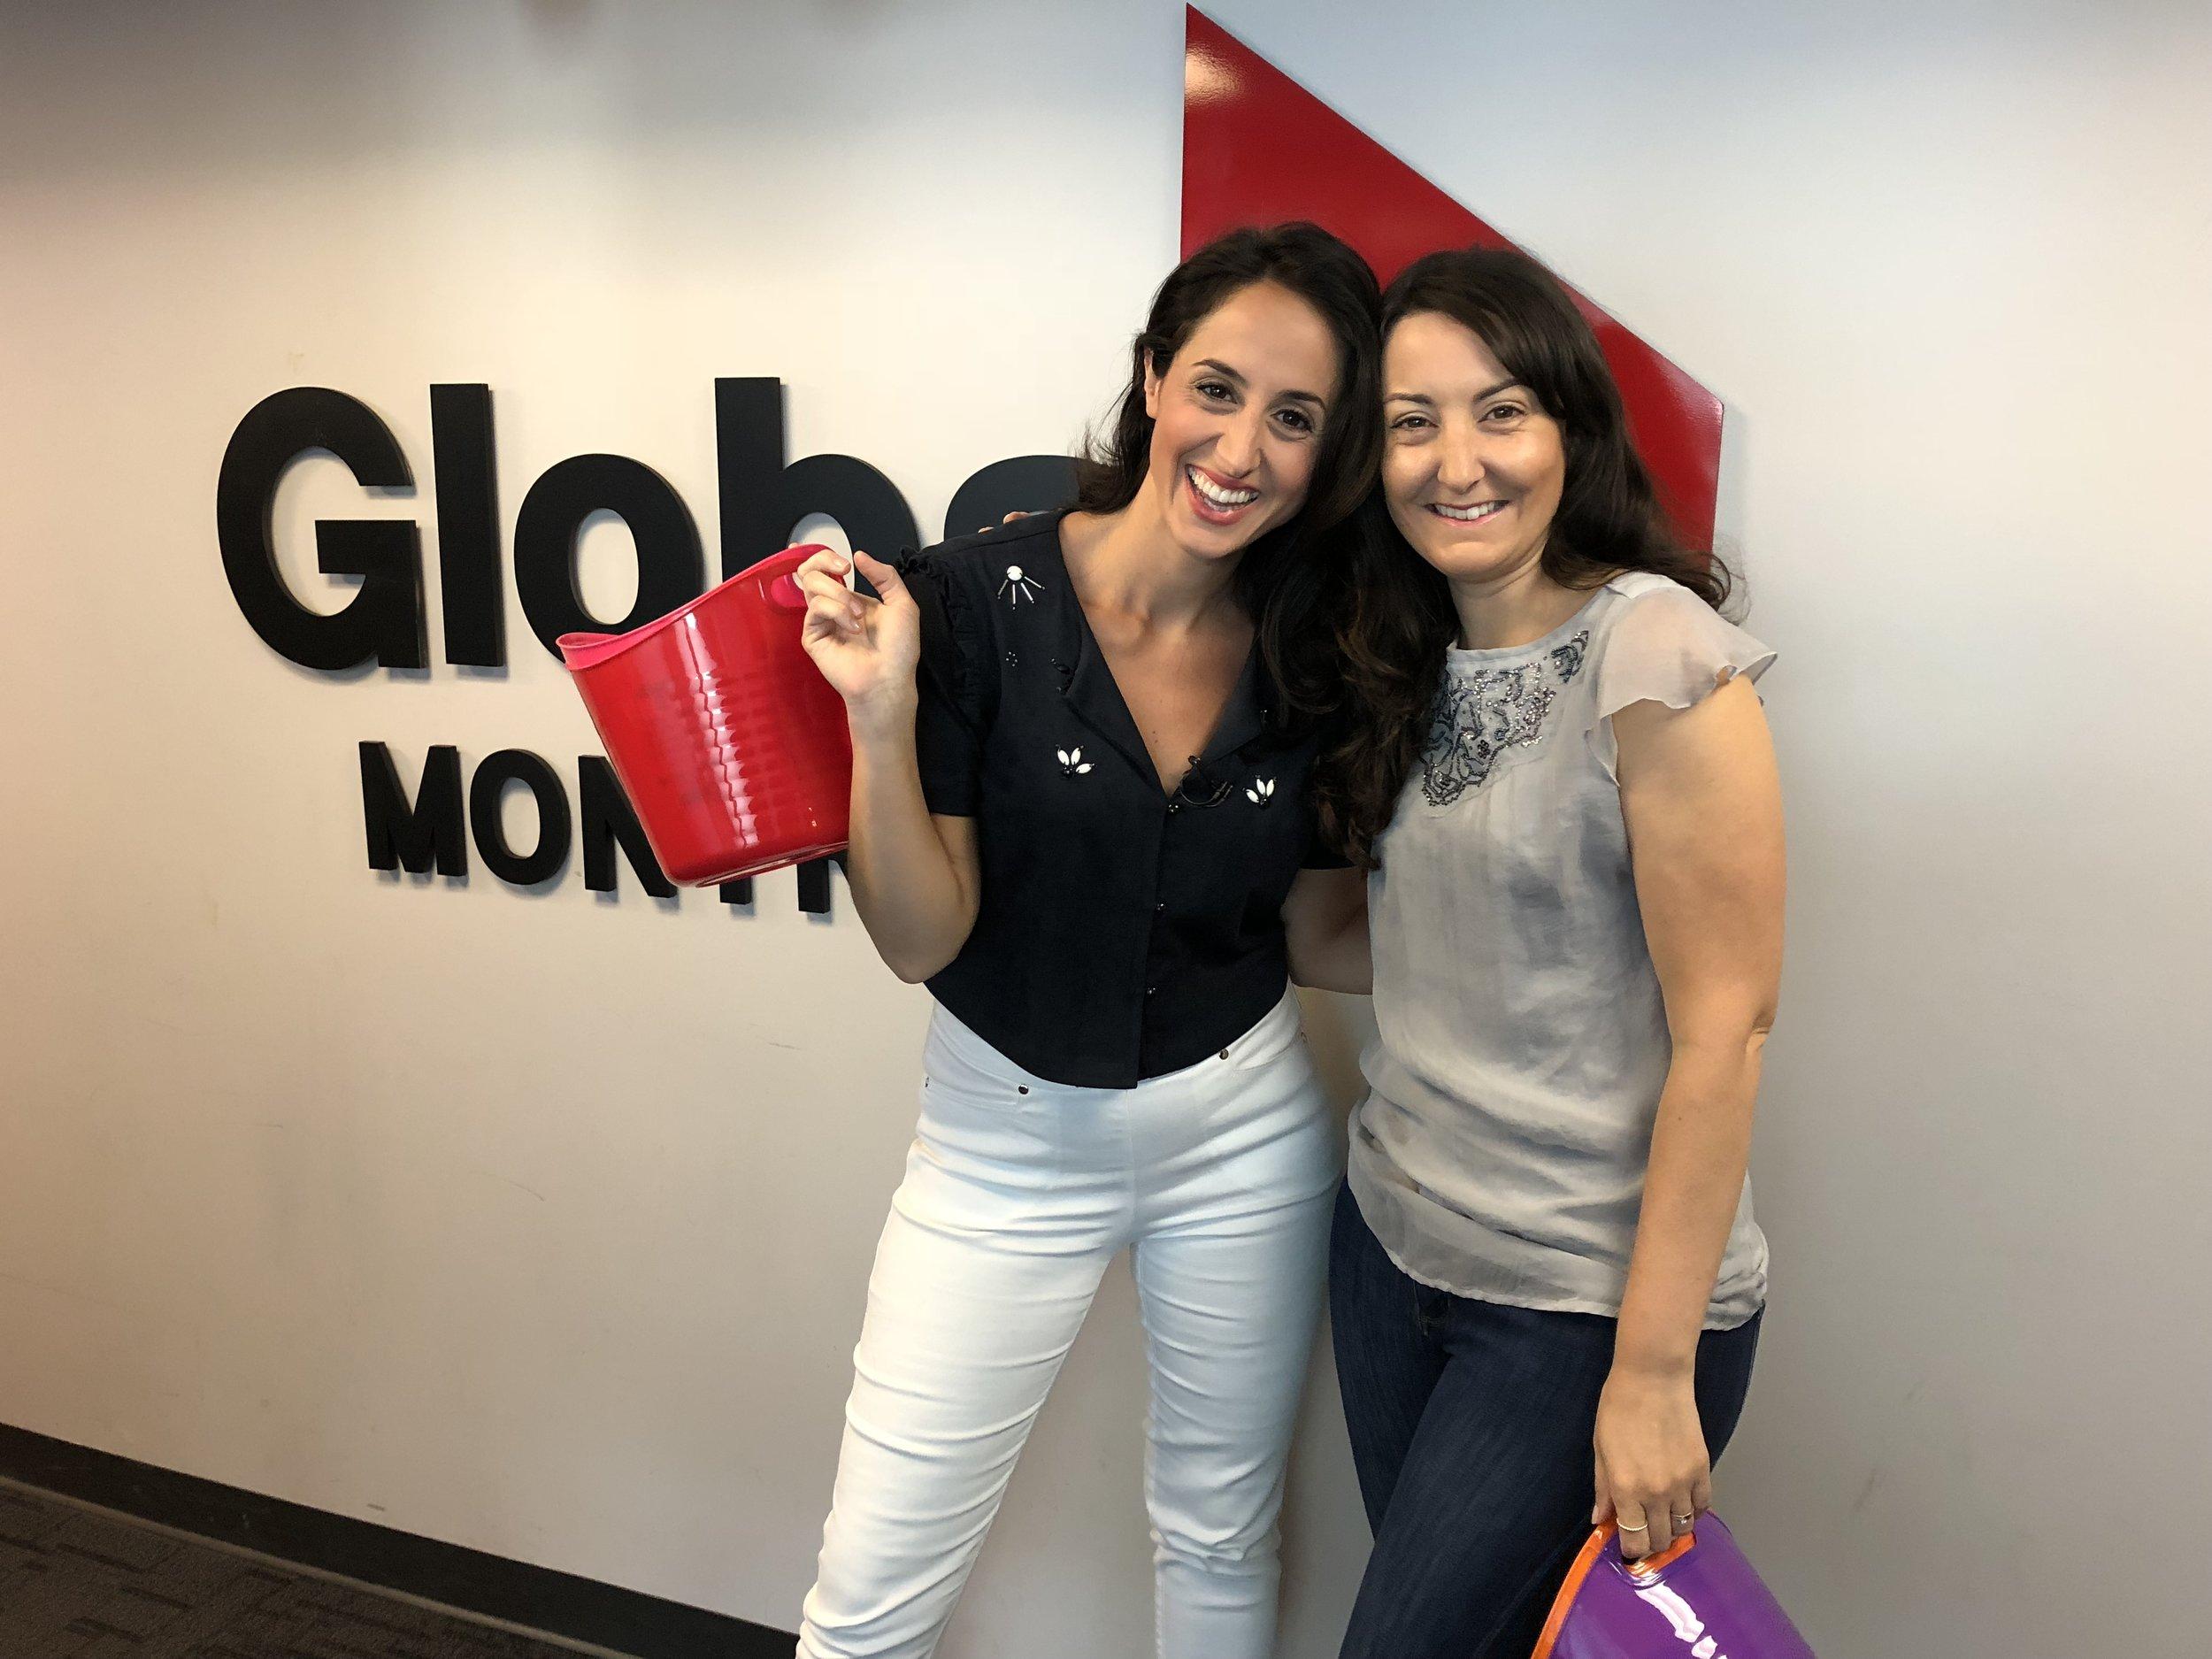 Global Montréal-Media-télévision-chronique télé-Jaime Damak-Laura Casella-déménagement-Swiffer-changement-trucw et astuces-impliquer les enfants-Je suis une maman